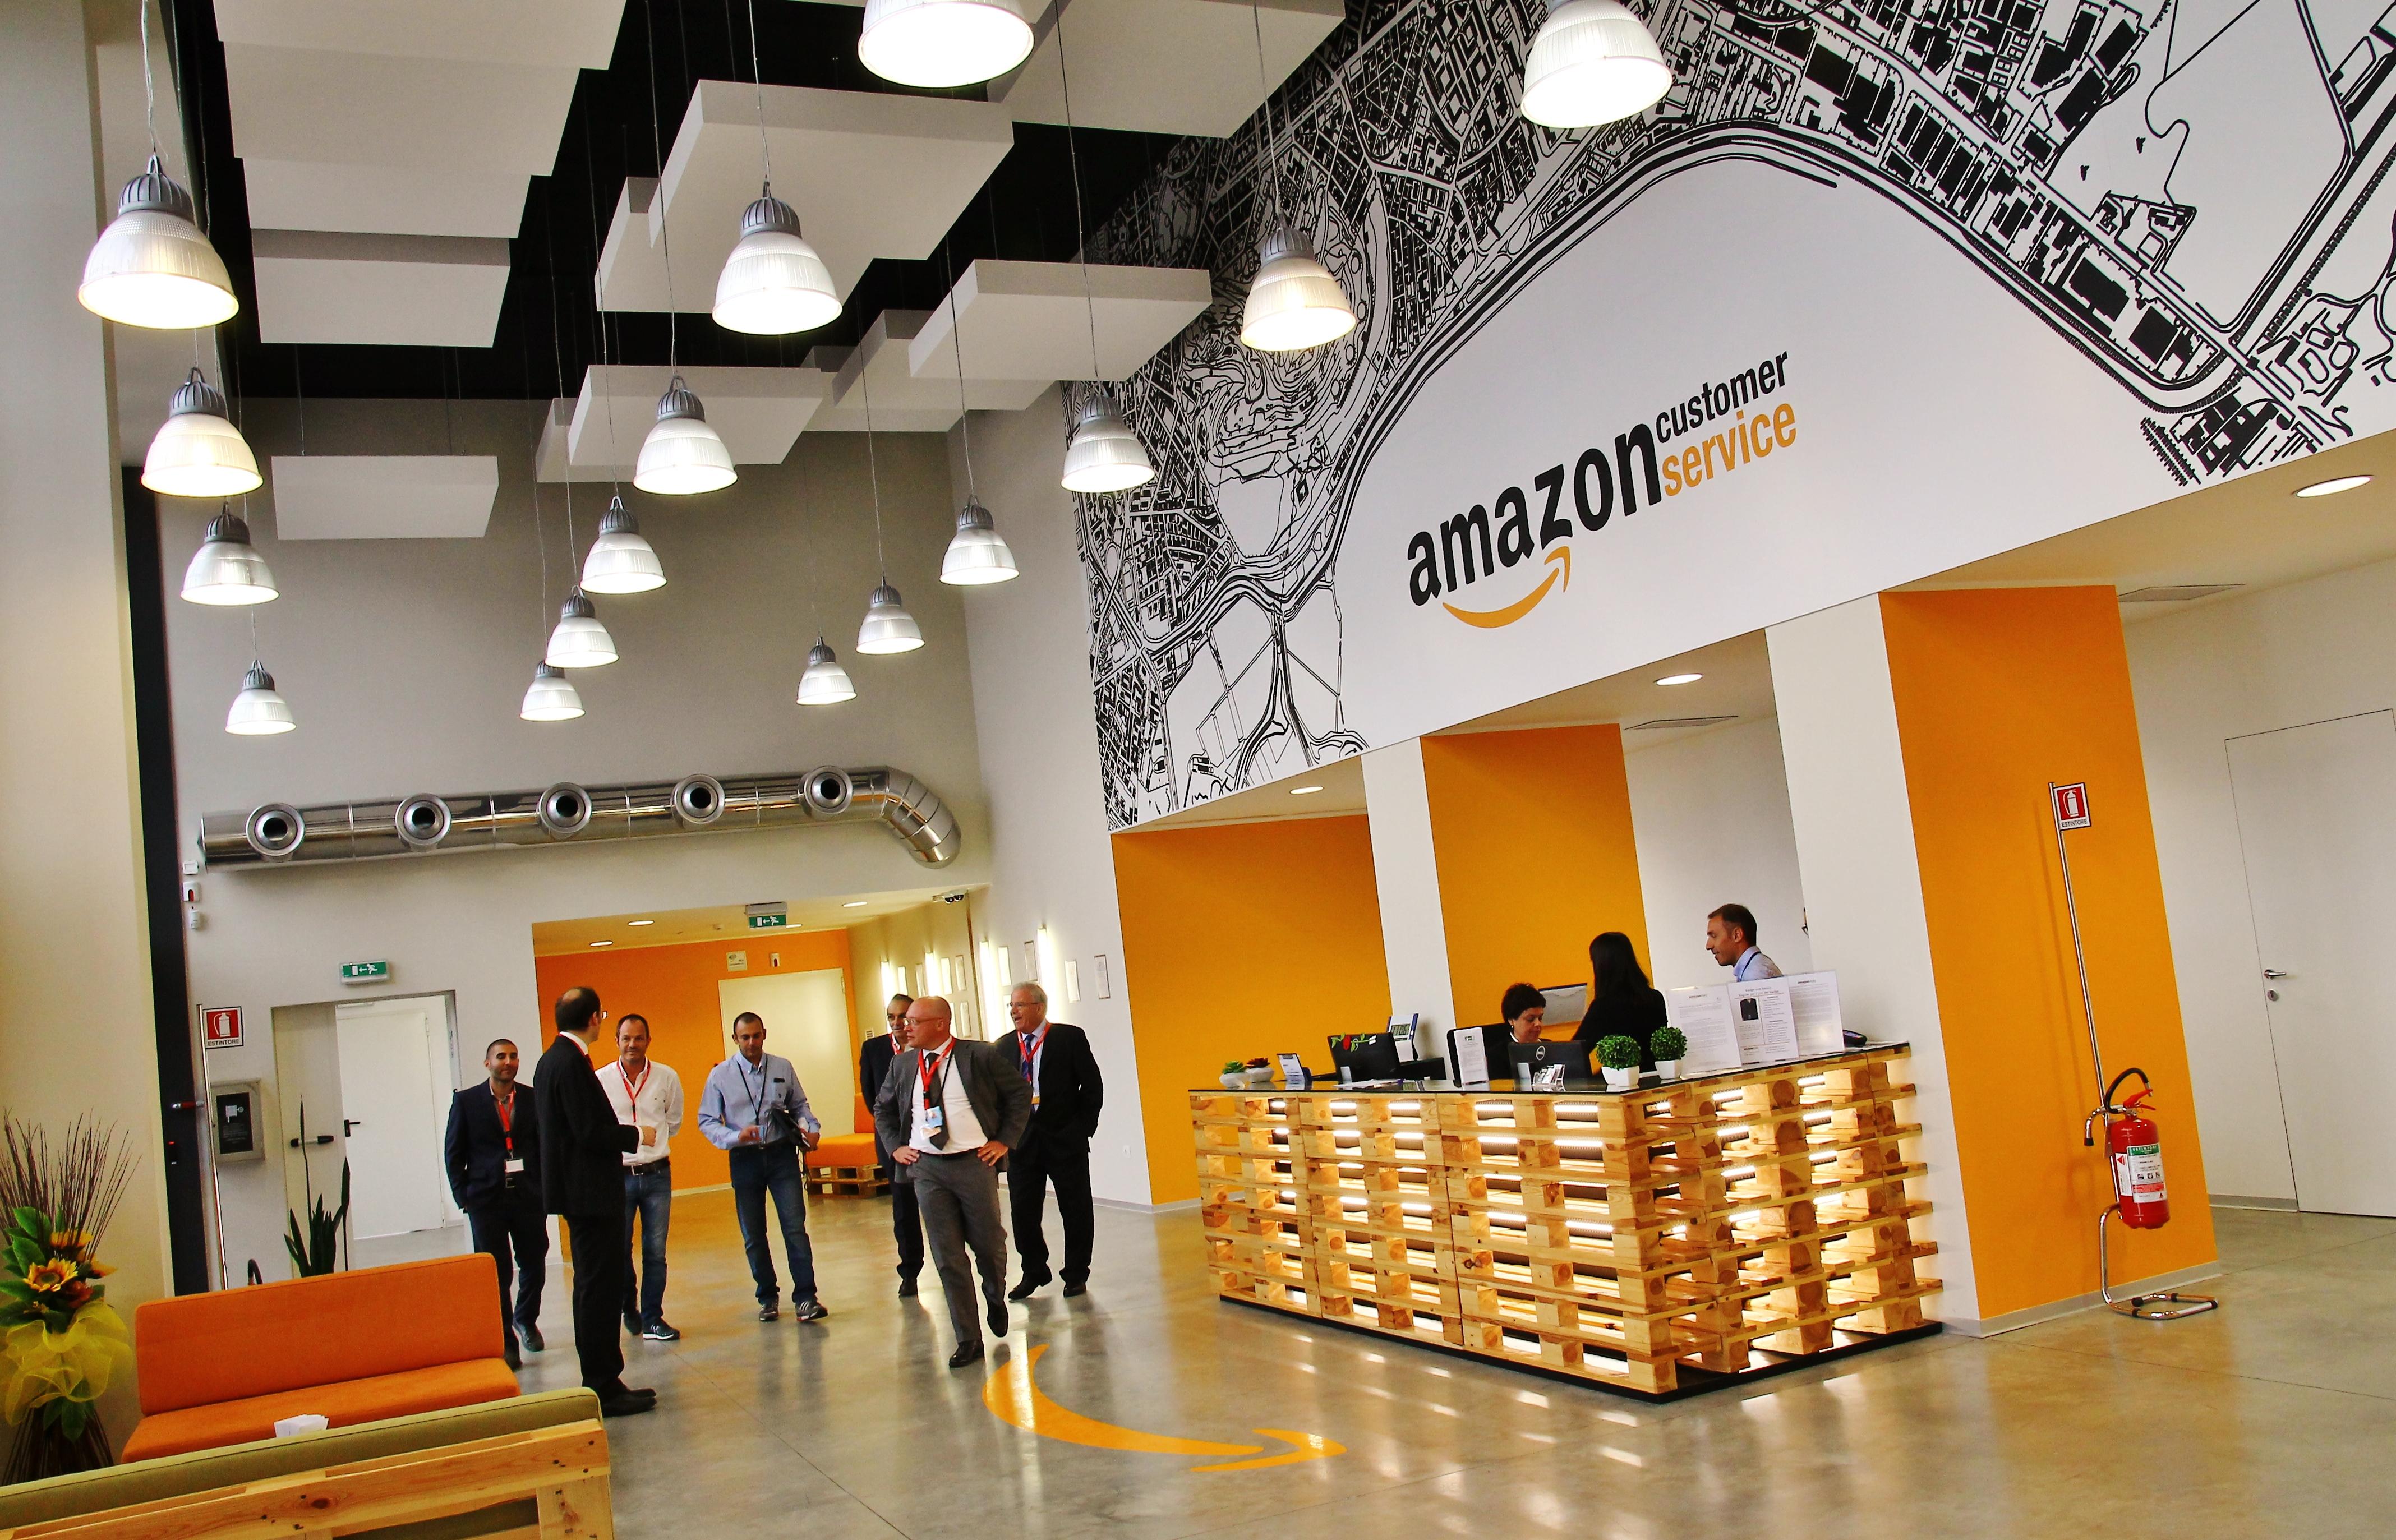 Amazon Apre Il Customer Service A Cagliari Con I Primi 60 Dipendenti